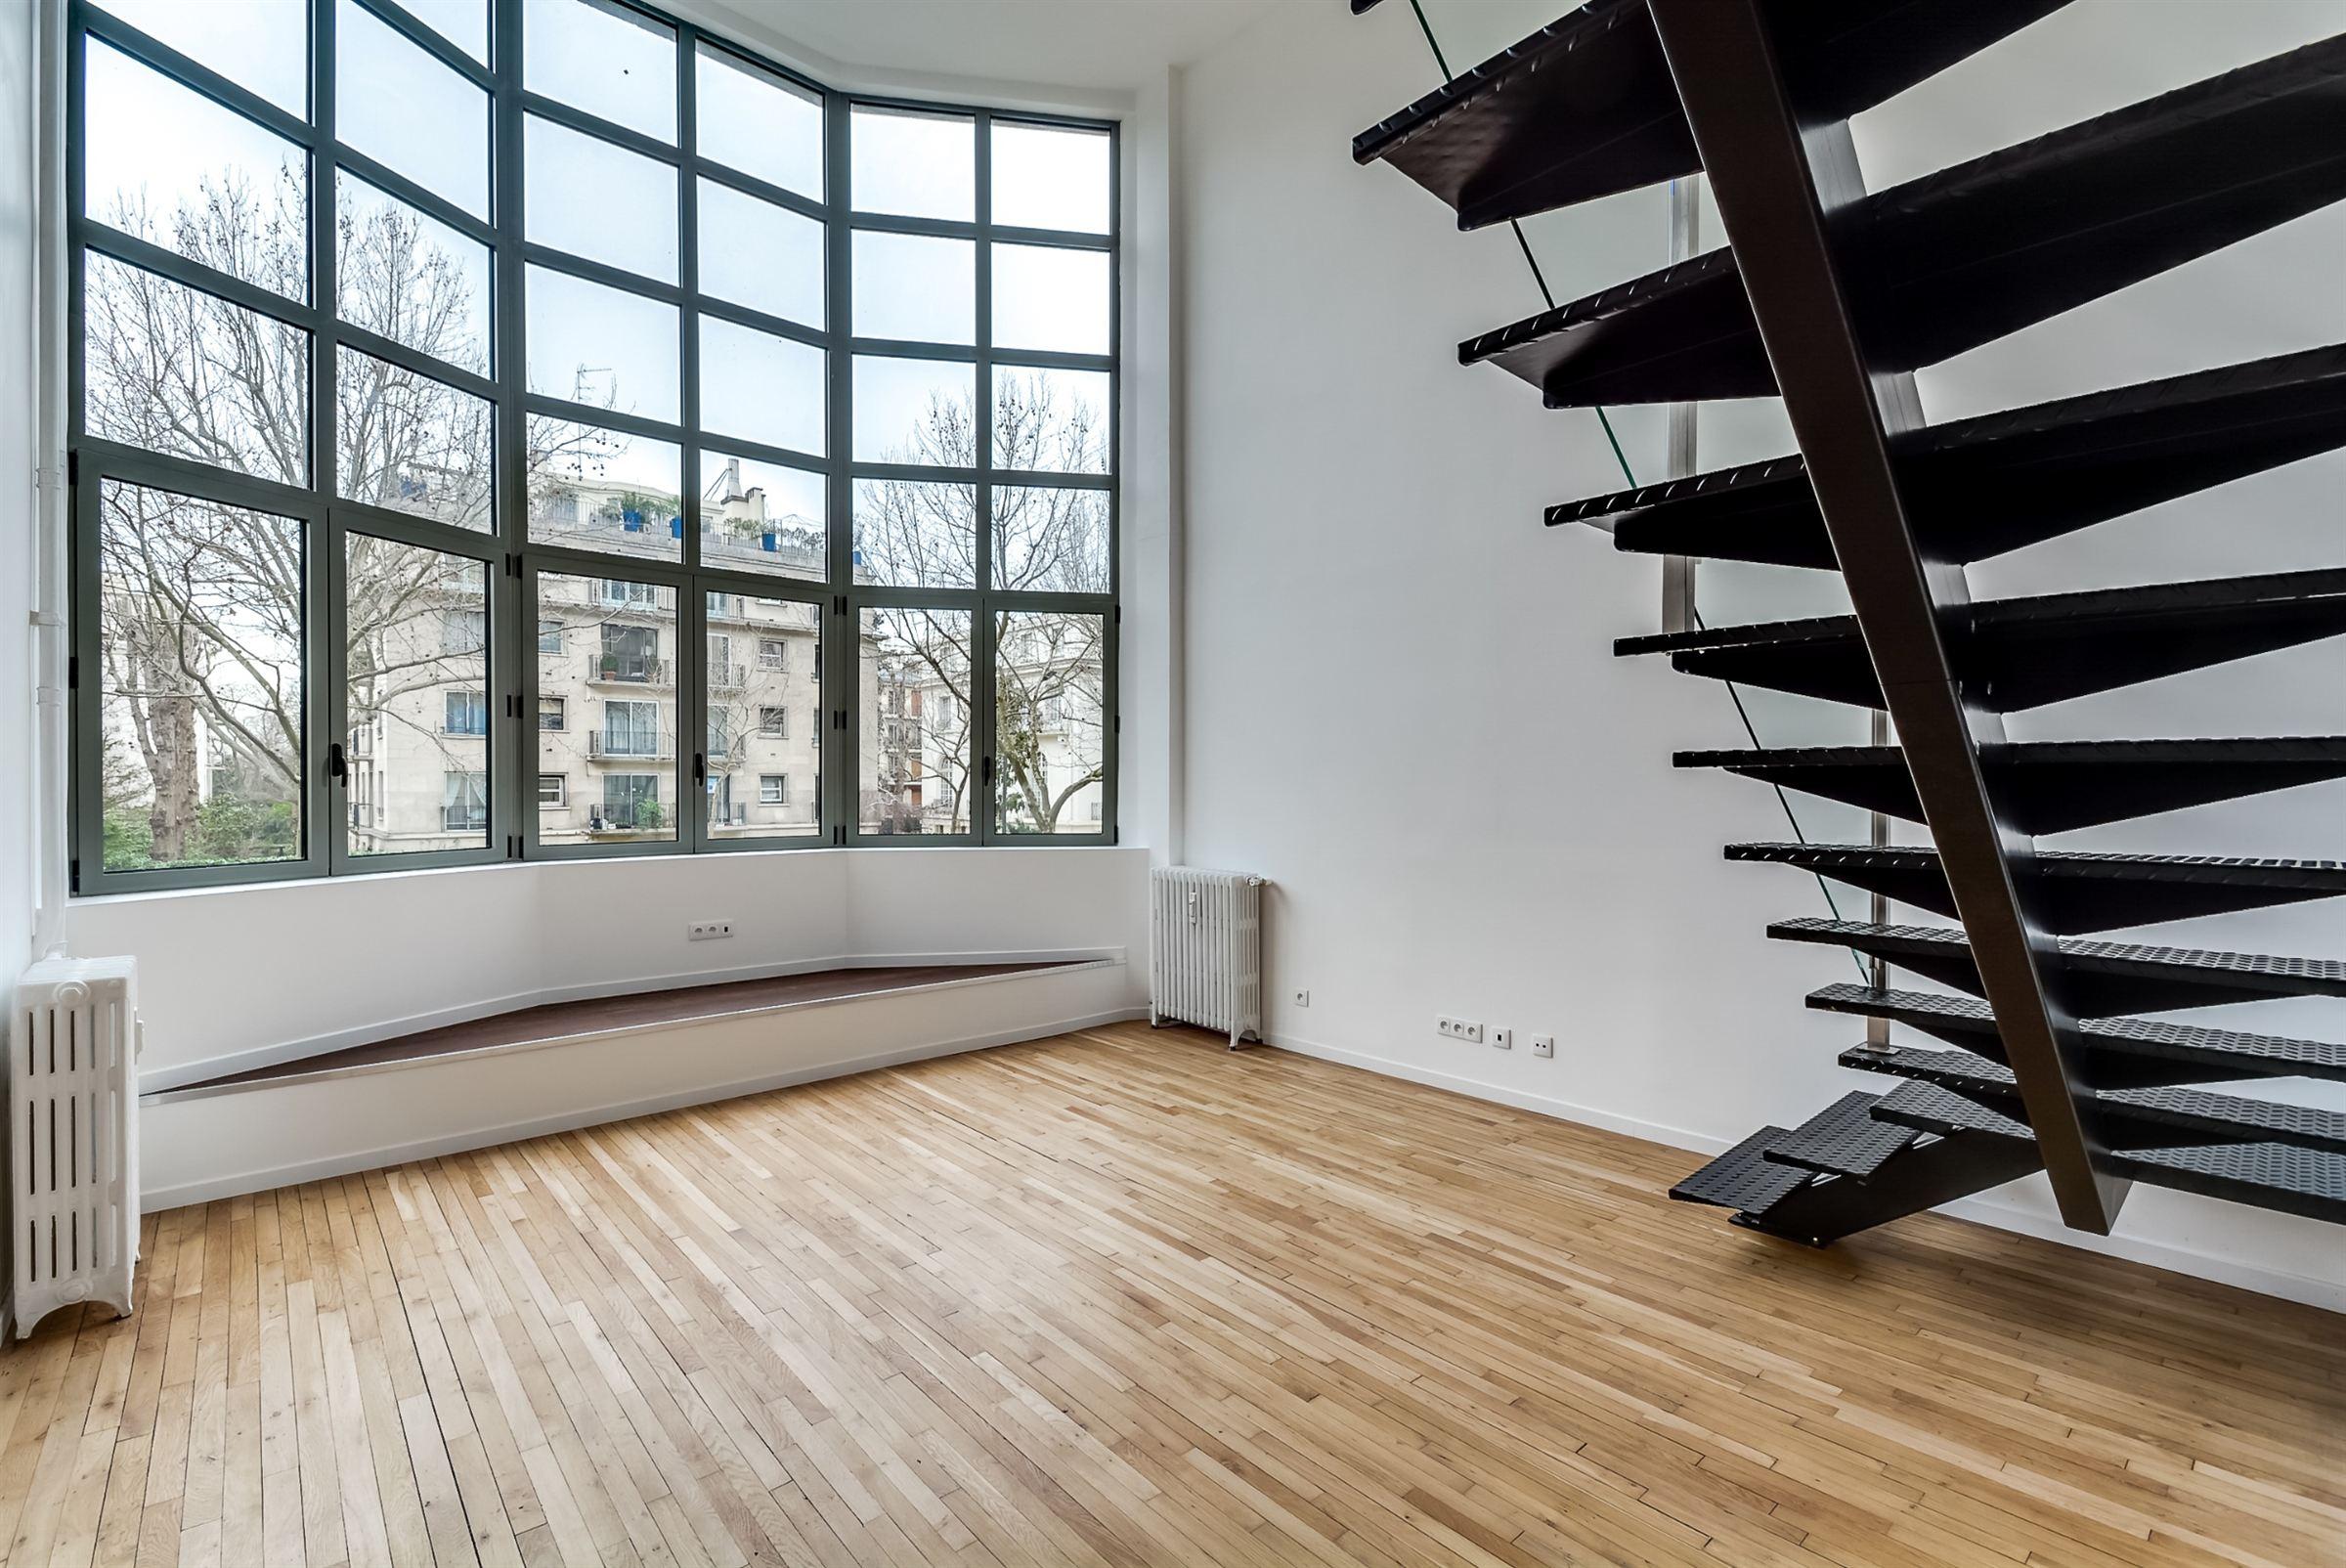 sales property at For sale refurbished duplex loft-like Paris 16 - Jardin du Ranelagh